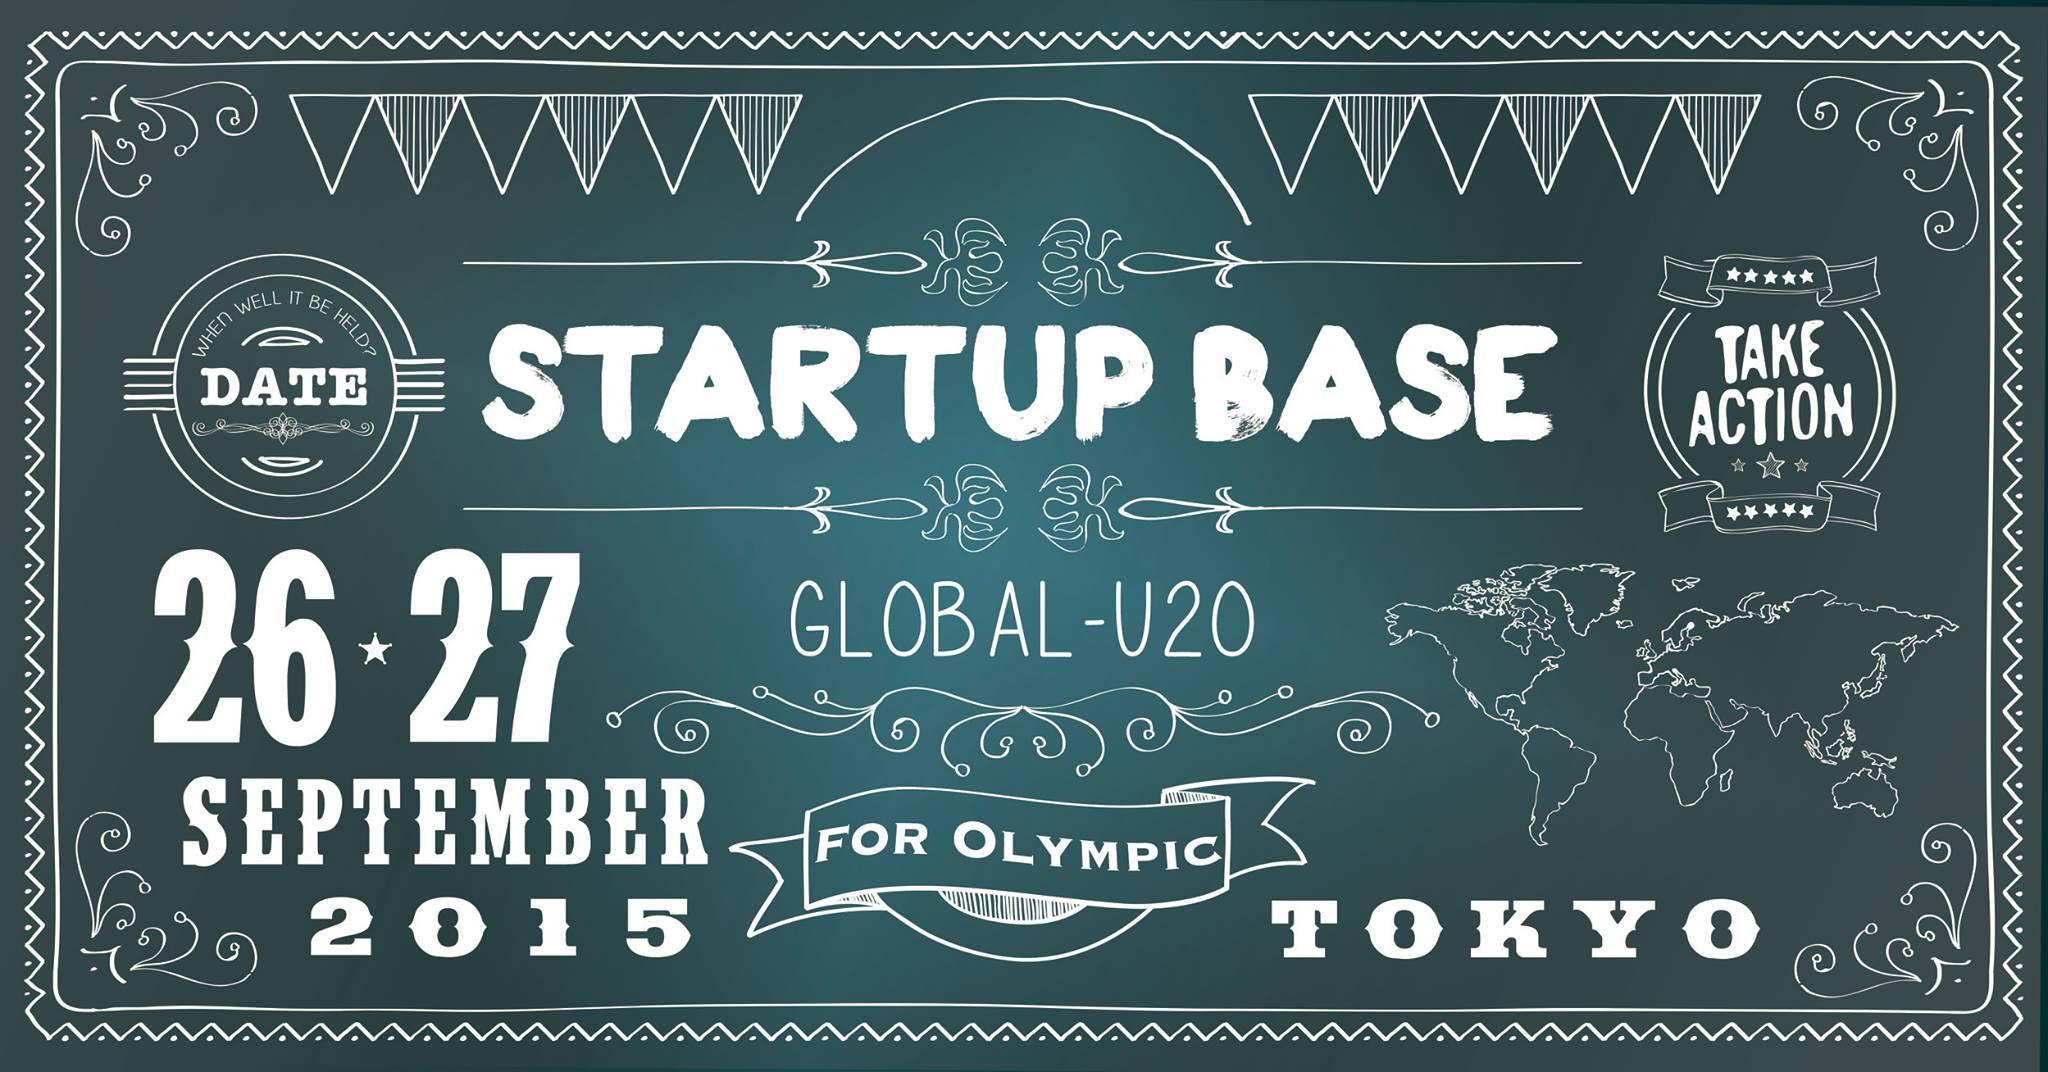 olympic-startupbase